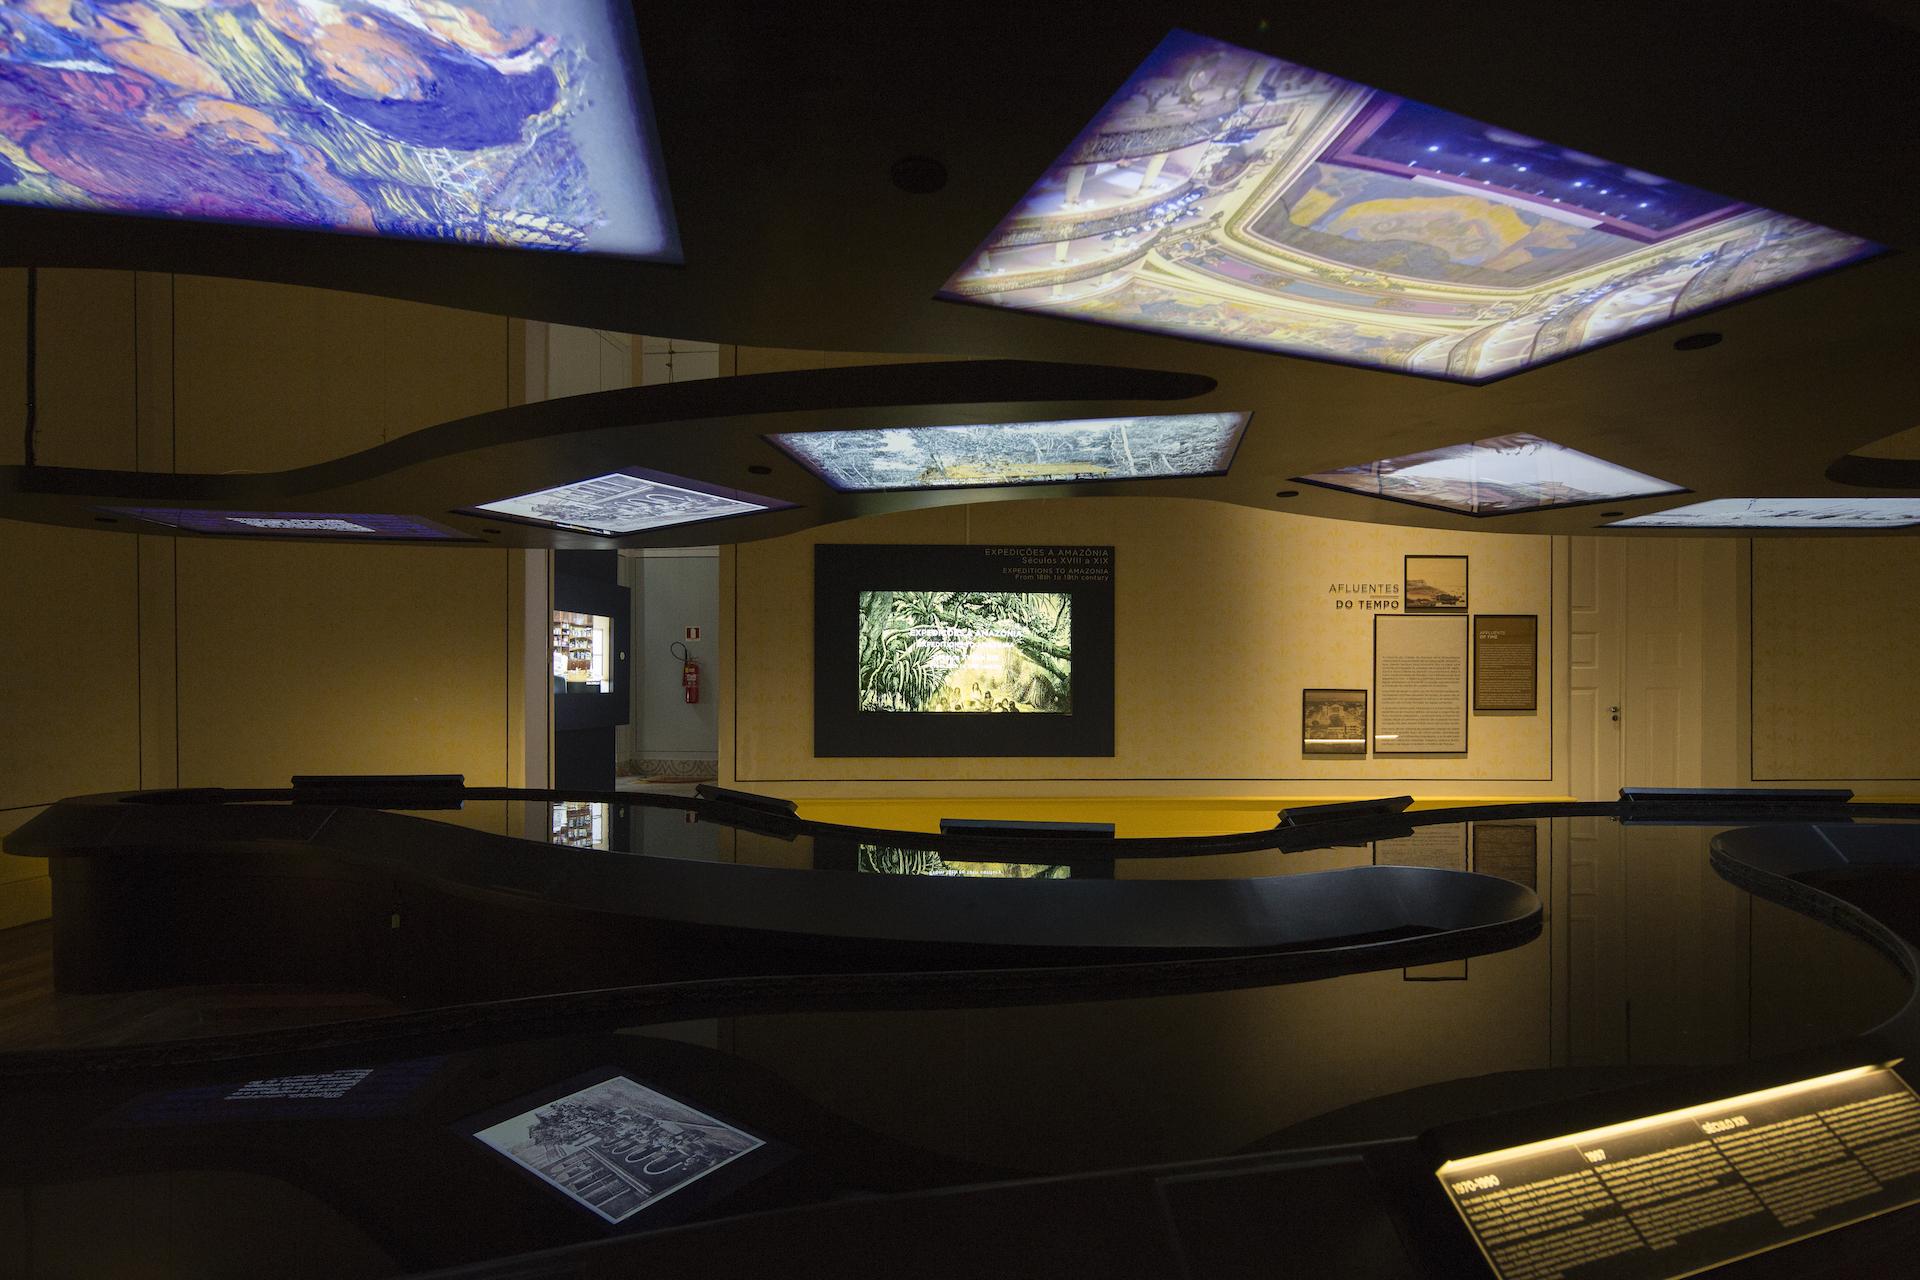 181023_Museu_Manaus_282